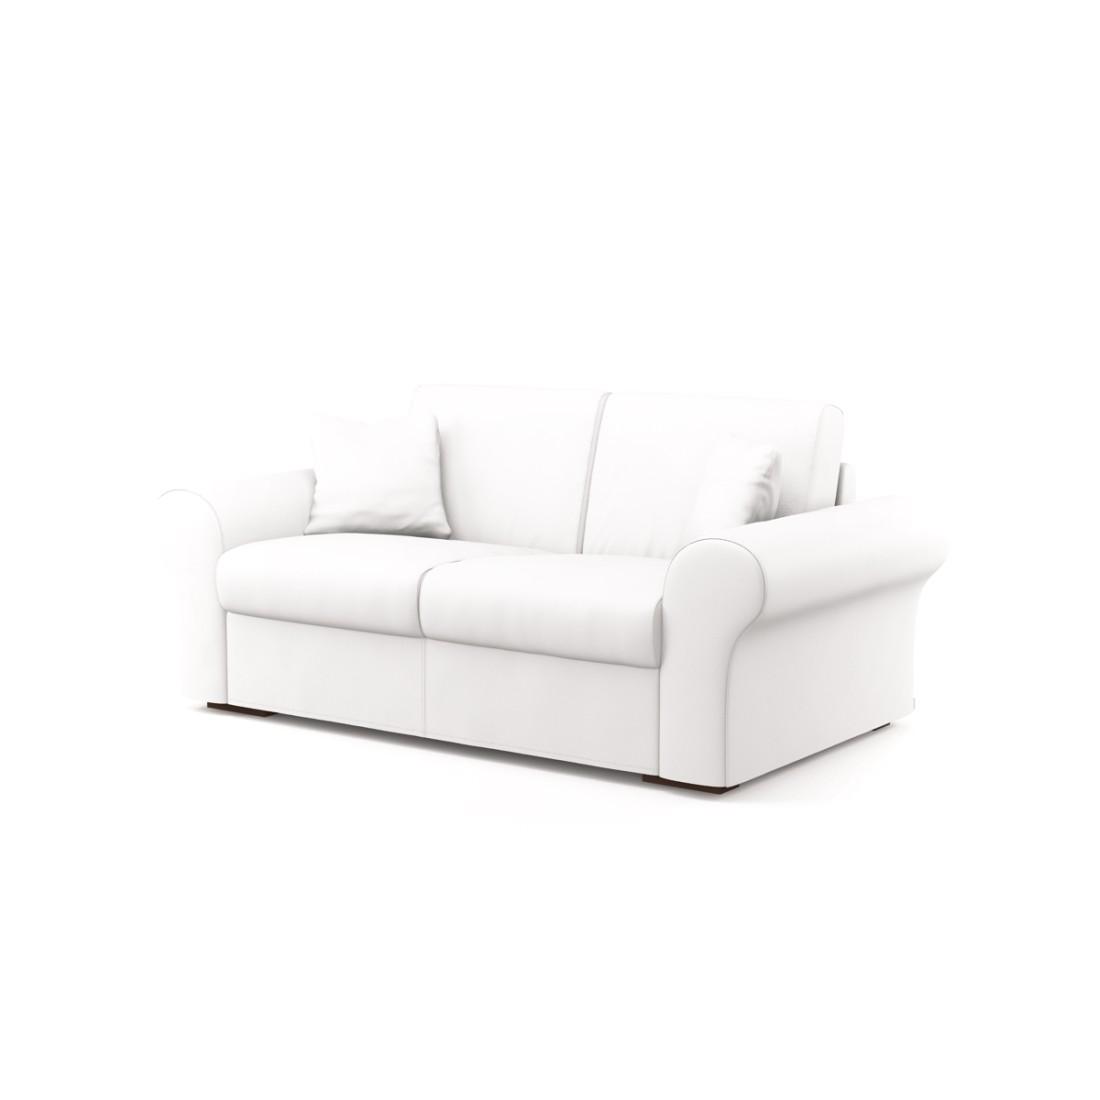 Schlafsofa Novo (2-Sitzer) – Soft 1400 (Bluetenweiß), Von Wilmowsky günstig bestellen